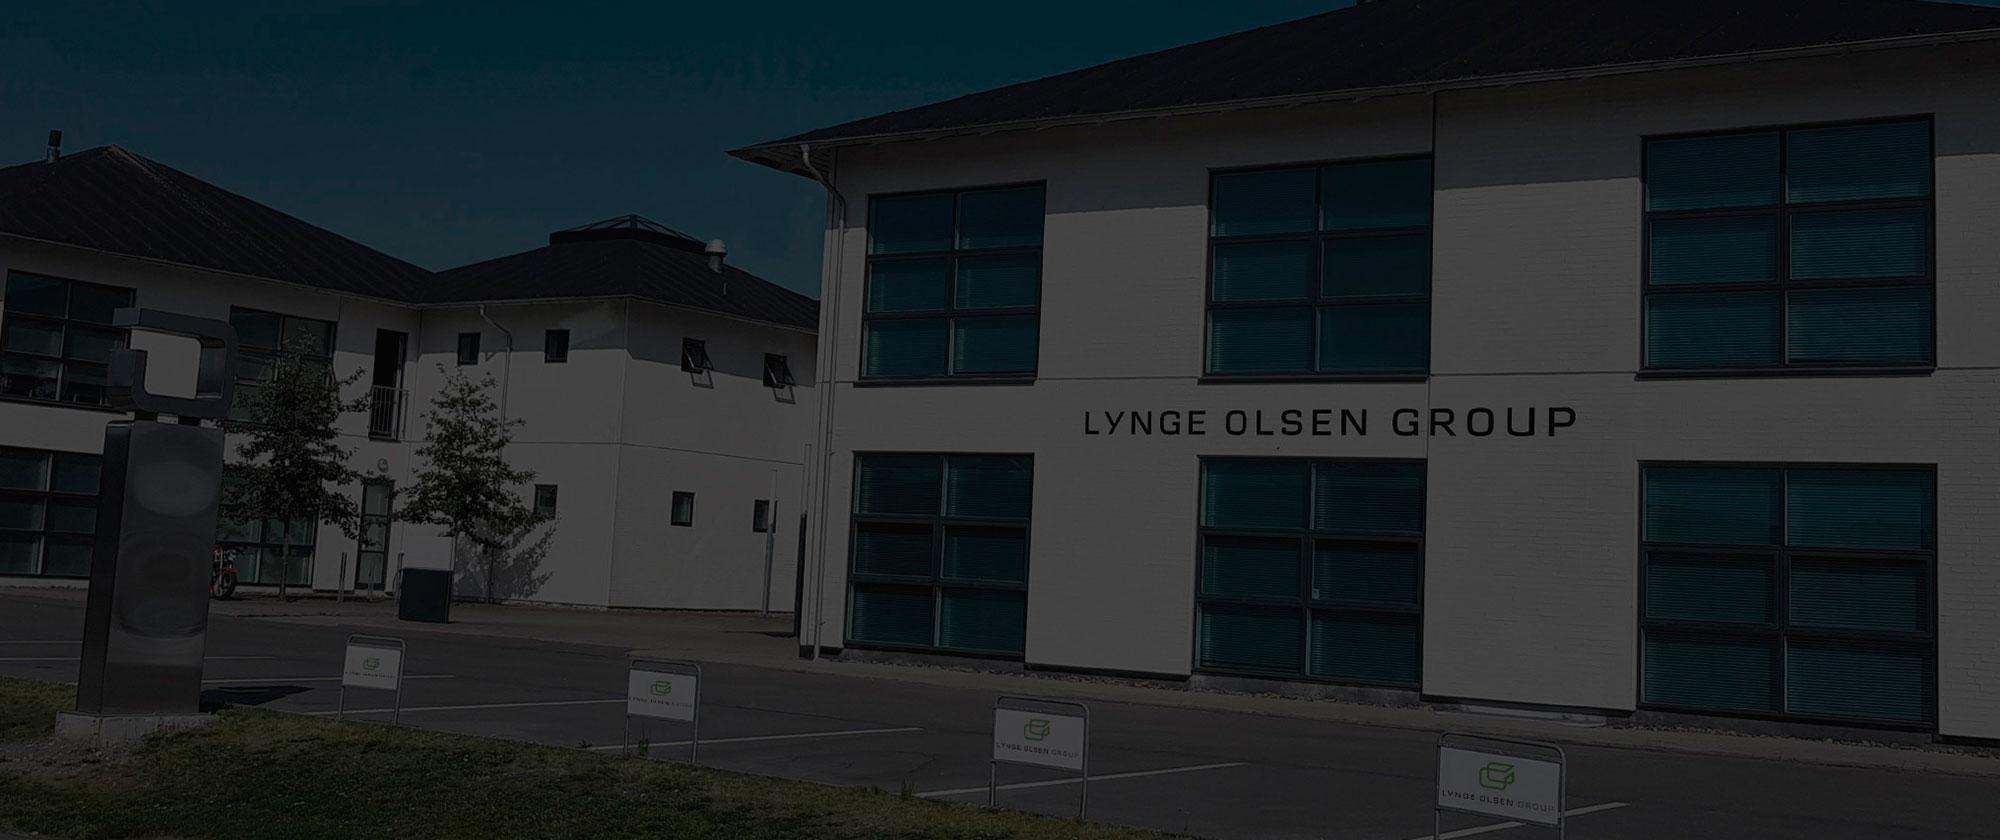 Lynge Olsen